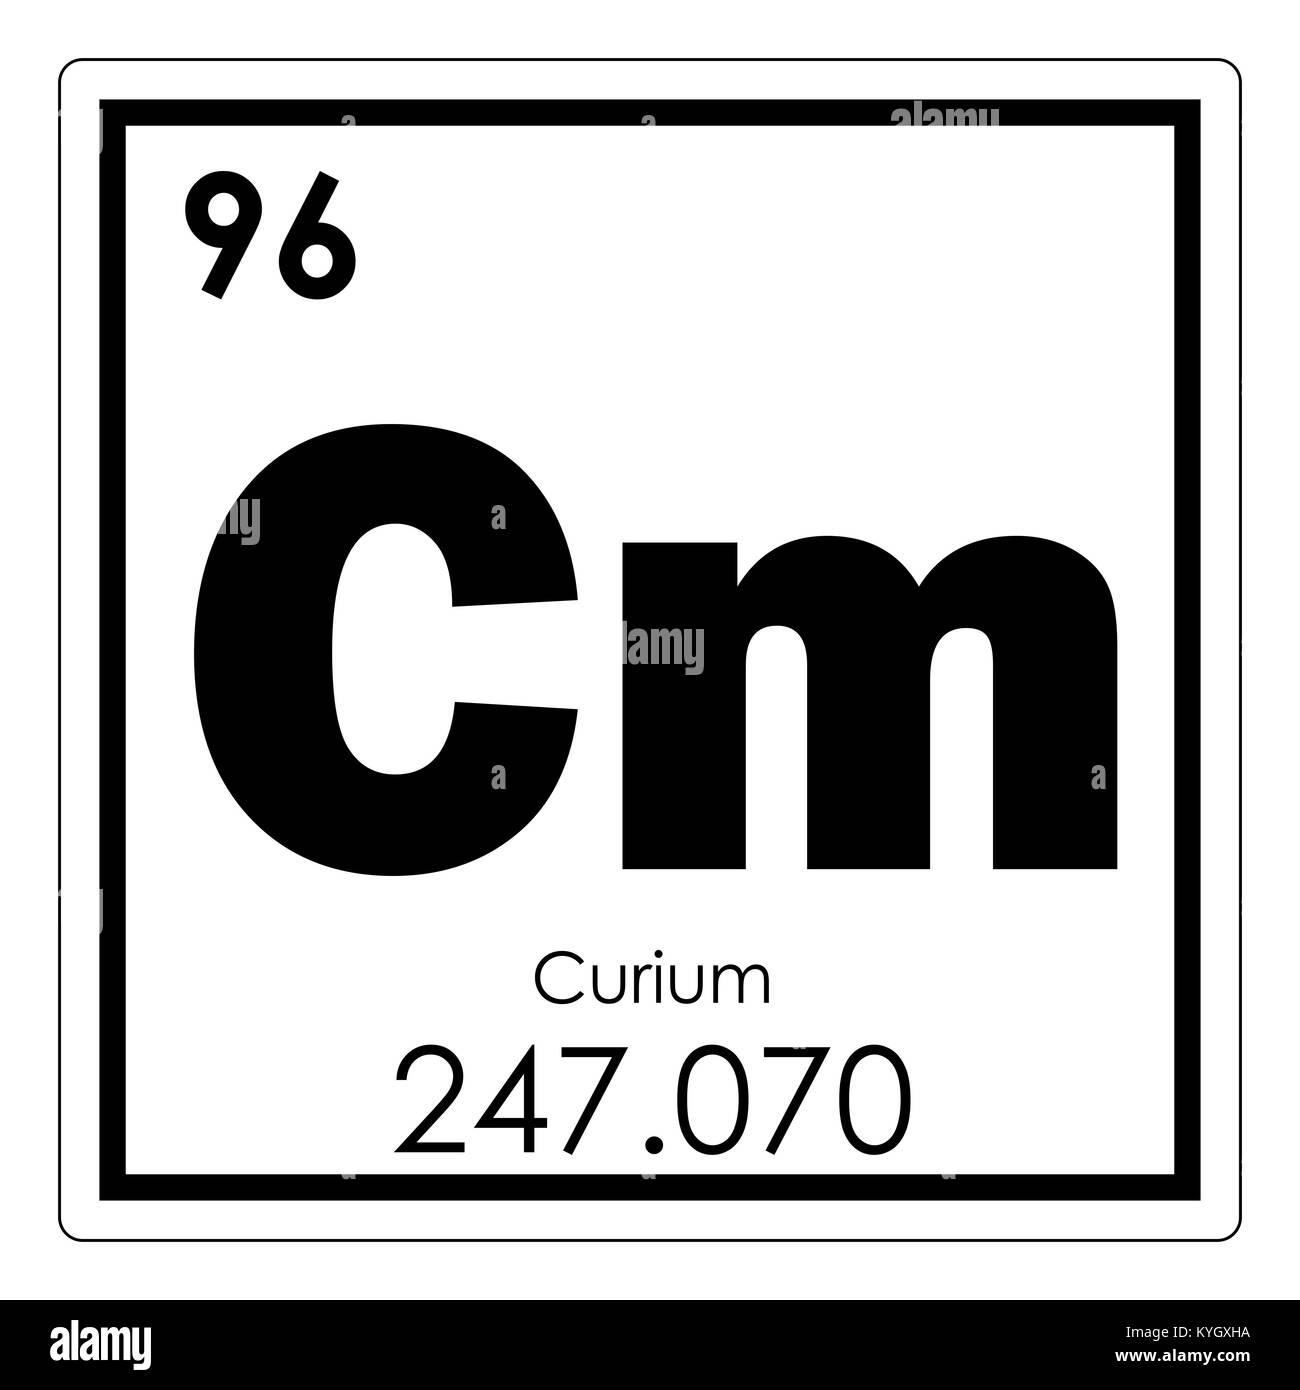 Curium chemical element periodic table science symbol stock photo curium chemical element periodic table science symbol urtaz Choice Image